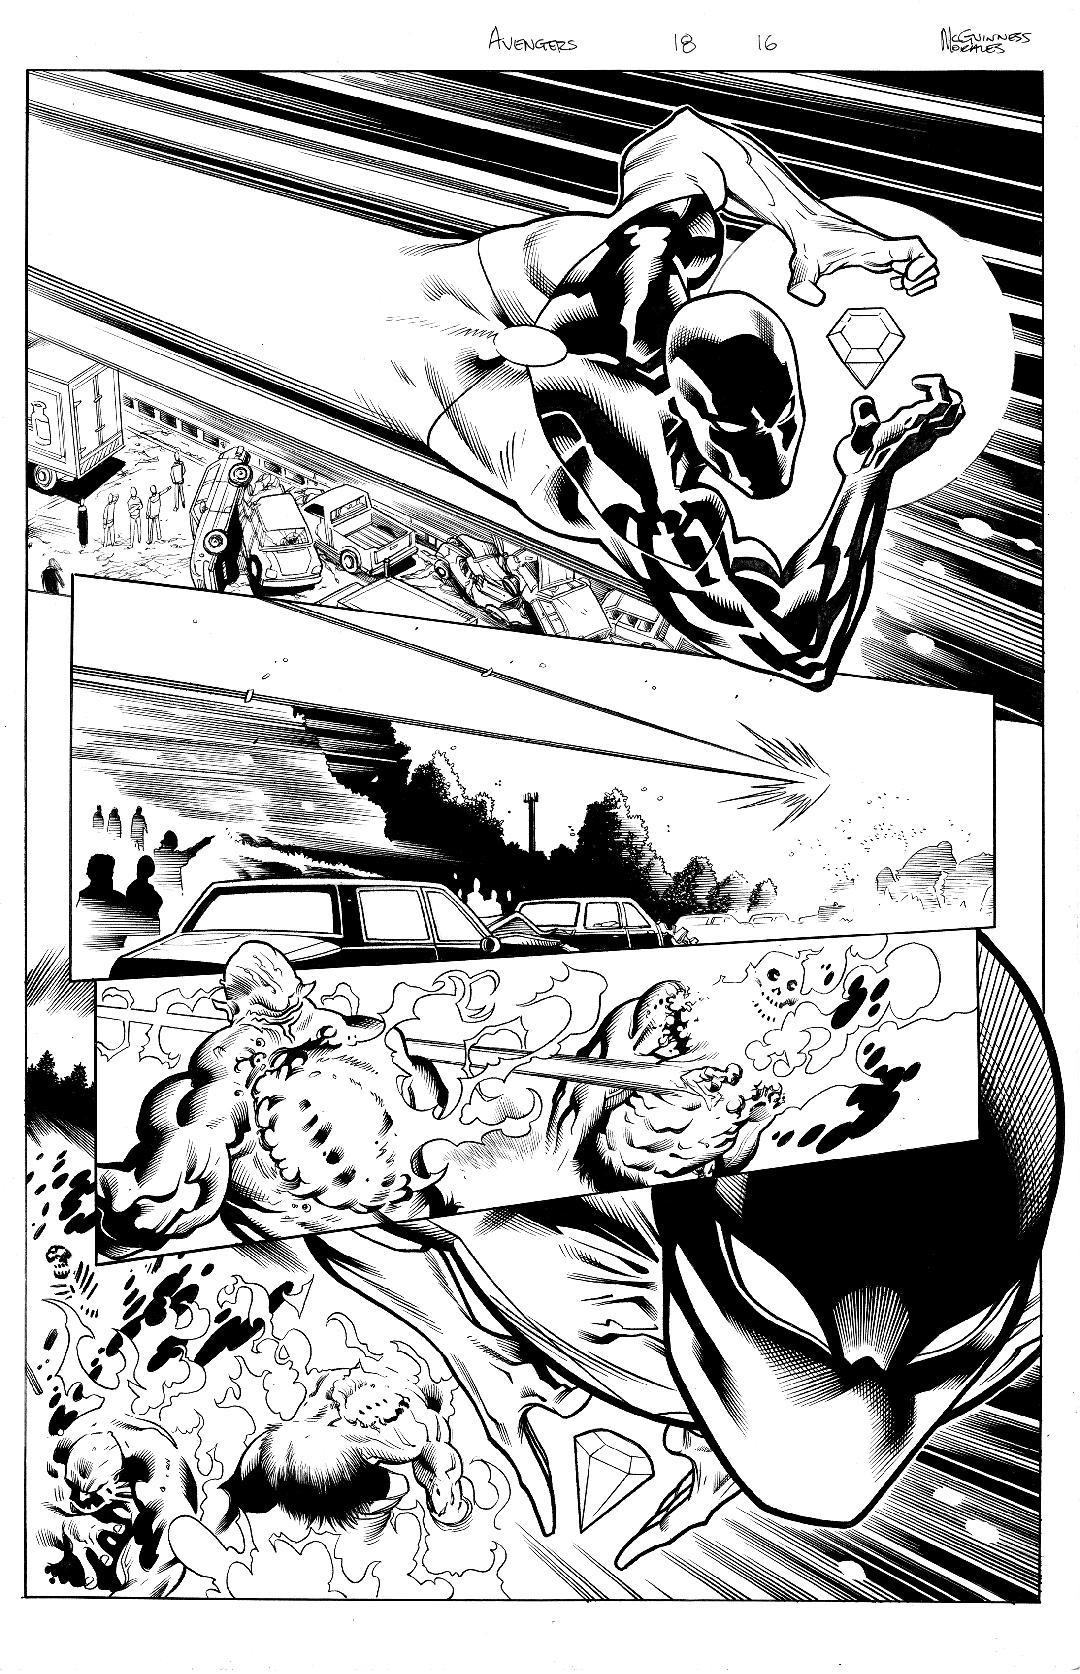 Avengers #18 pg16